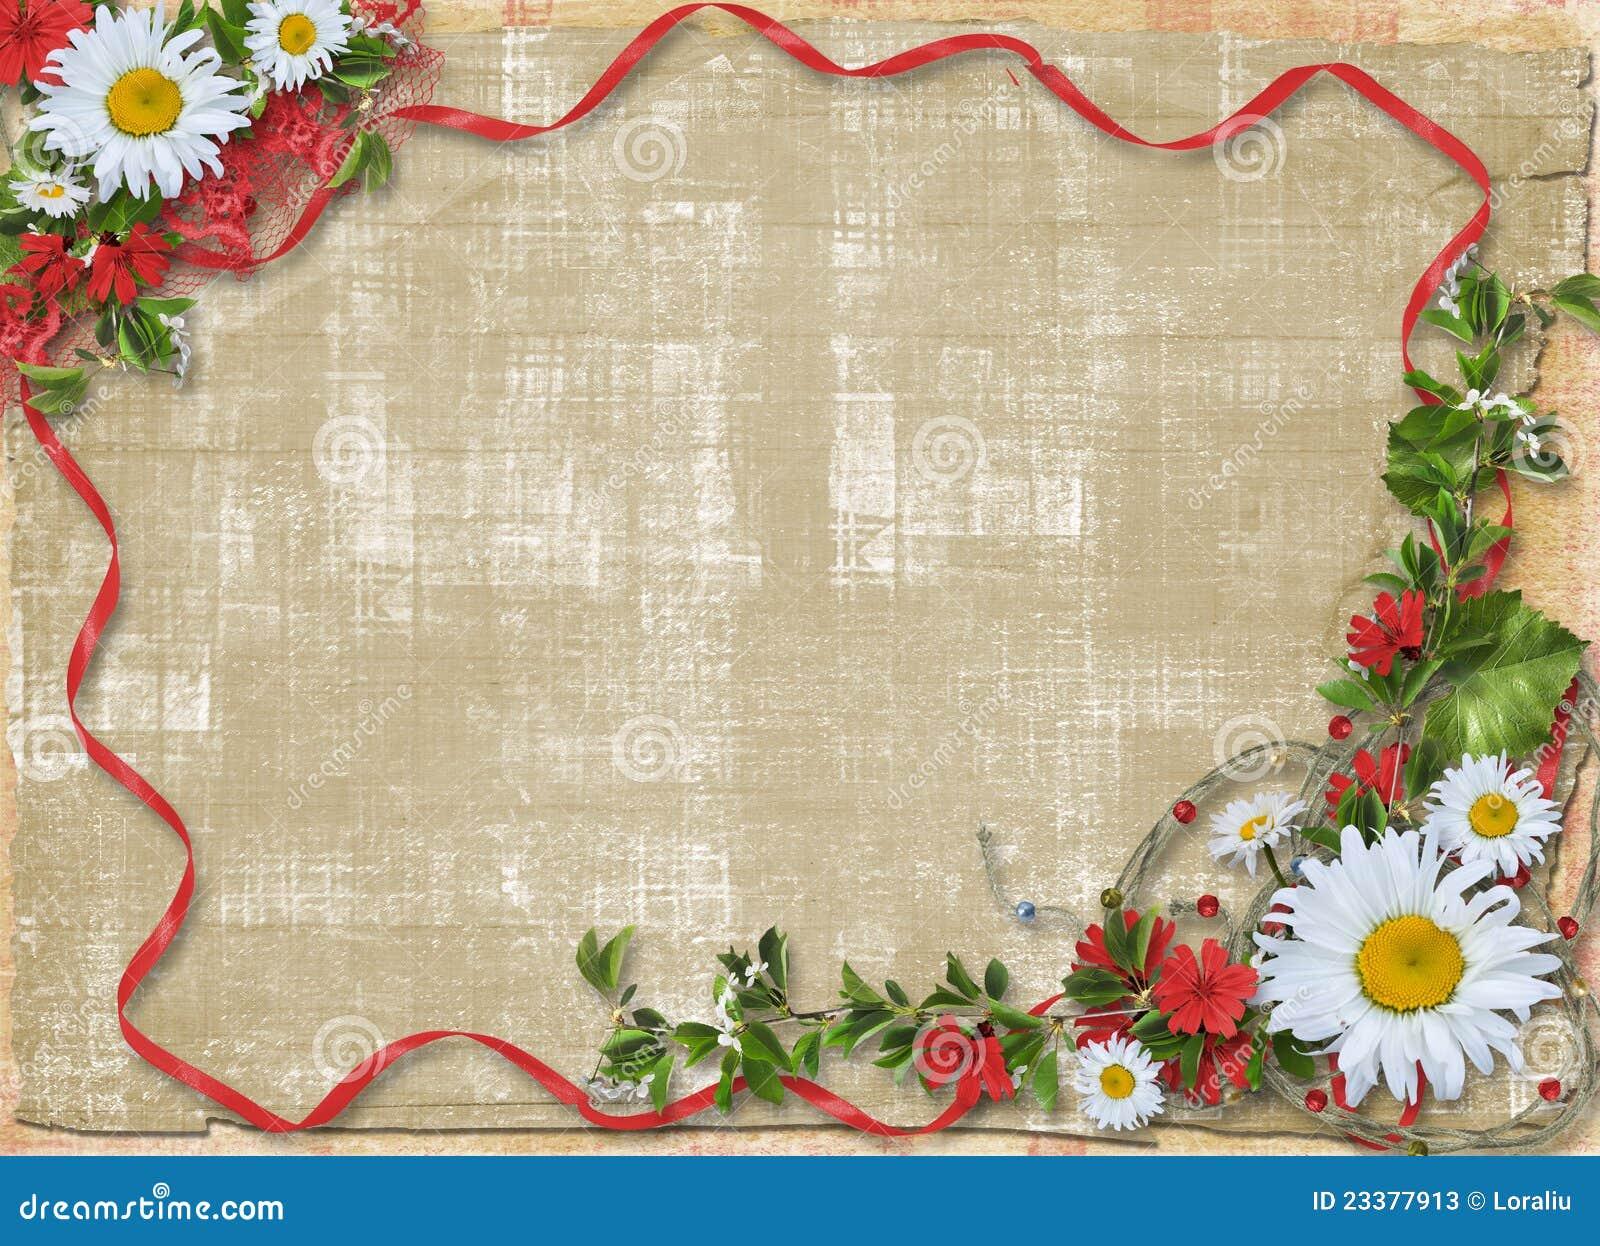 Красивые рамки для бумаги